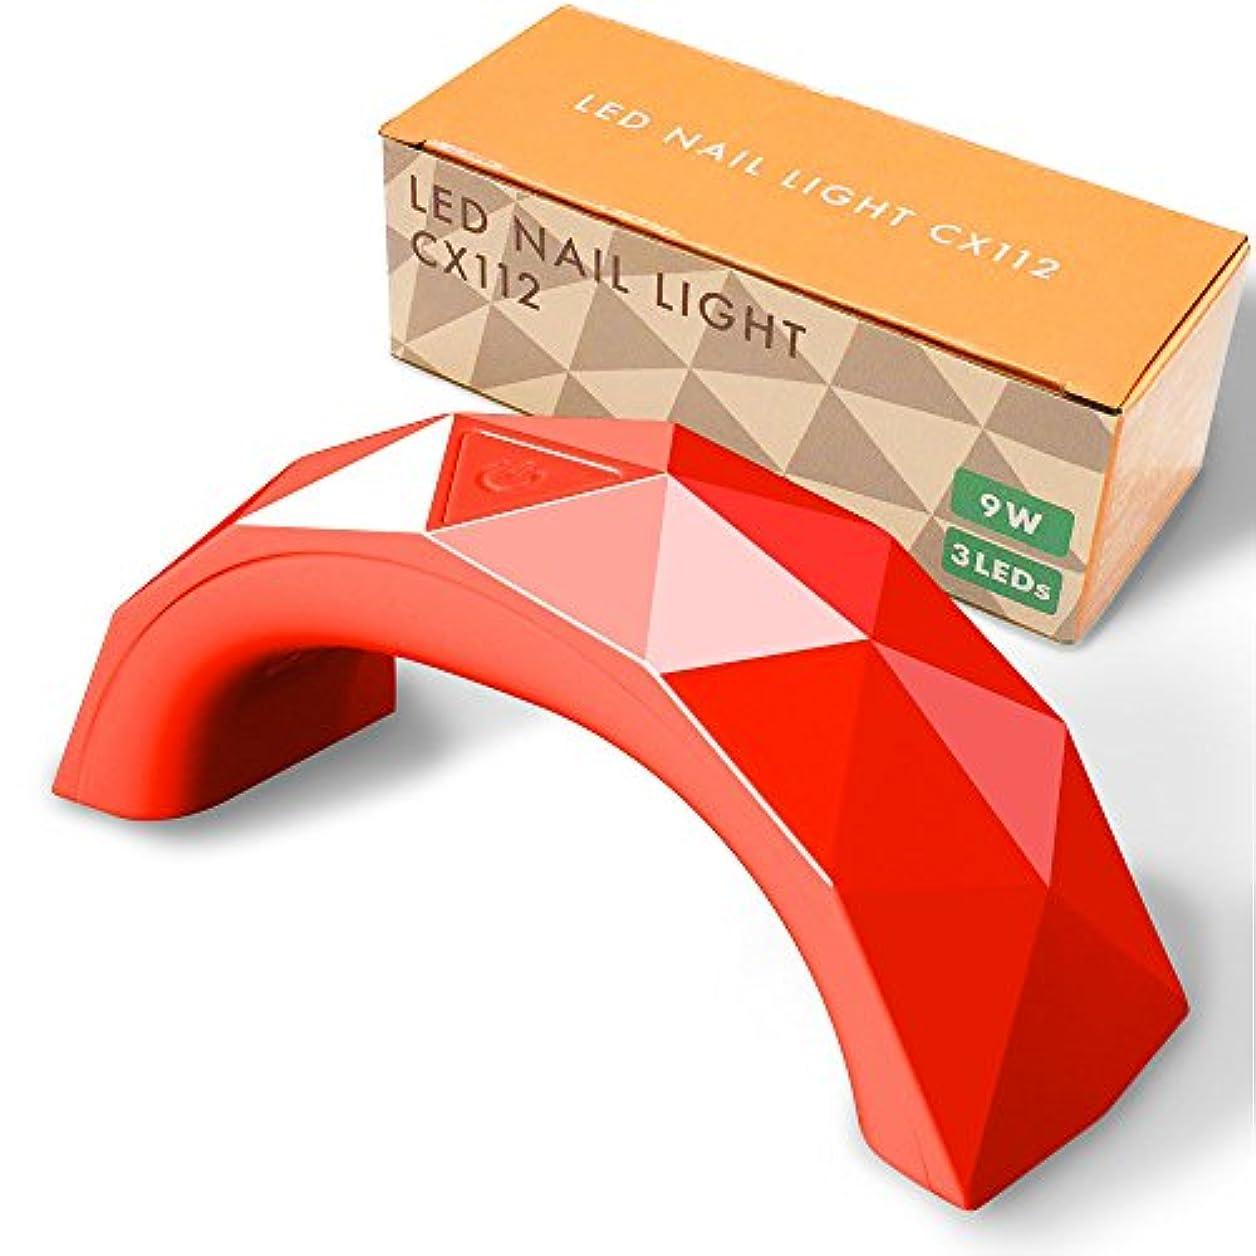 保証取り付けゾーン【Centrex】【CX112】ジェルネイル LEDライト 9W 硬化用ライト タイマー付き ハイパワーチップ式LED球 USB式 (レッド)